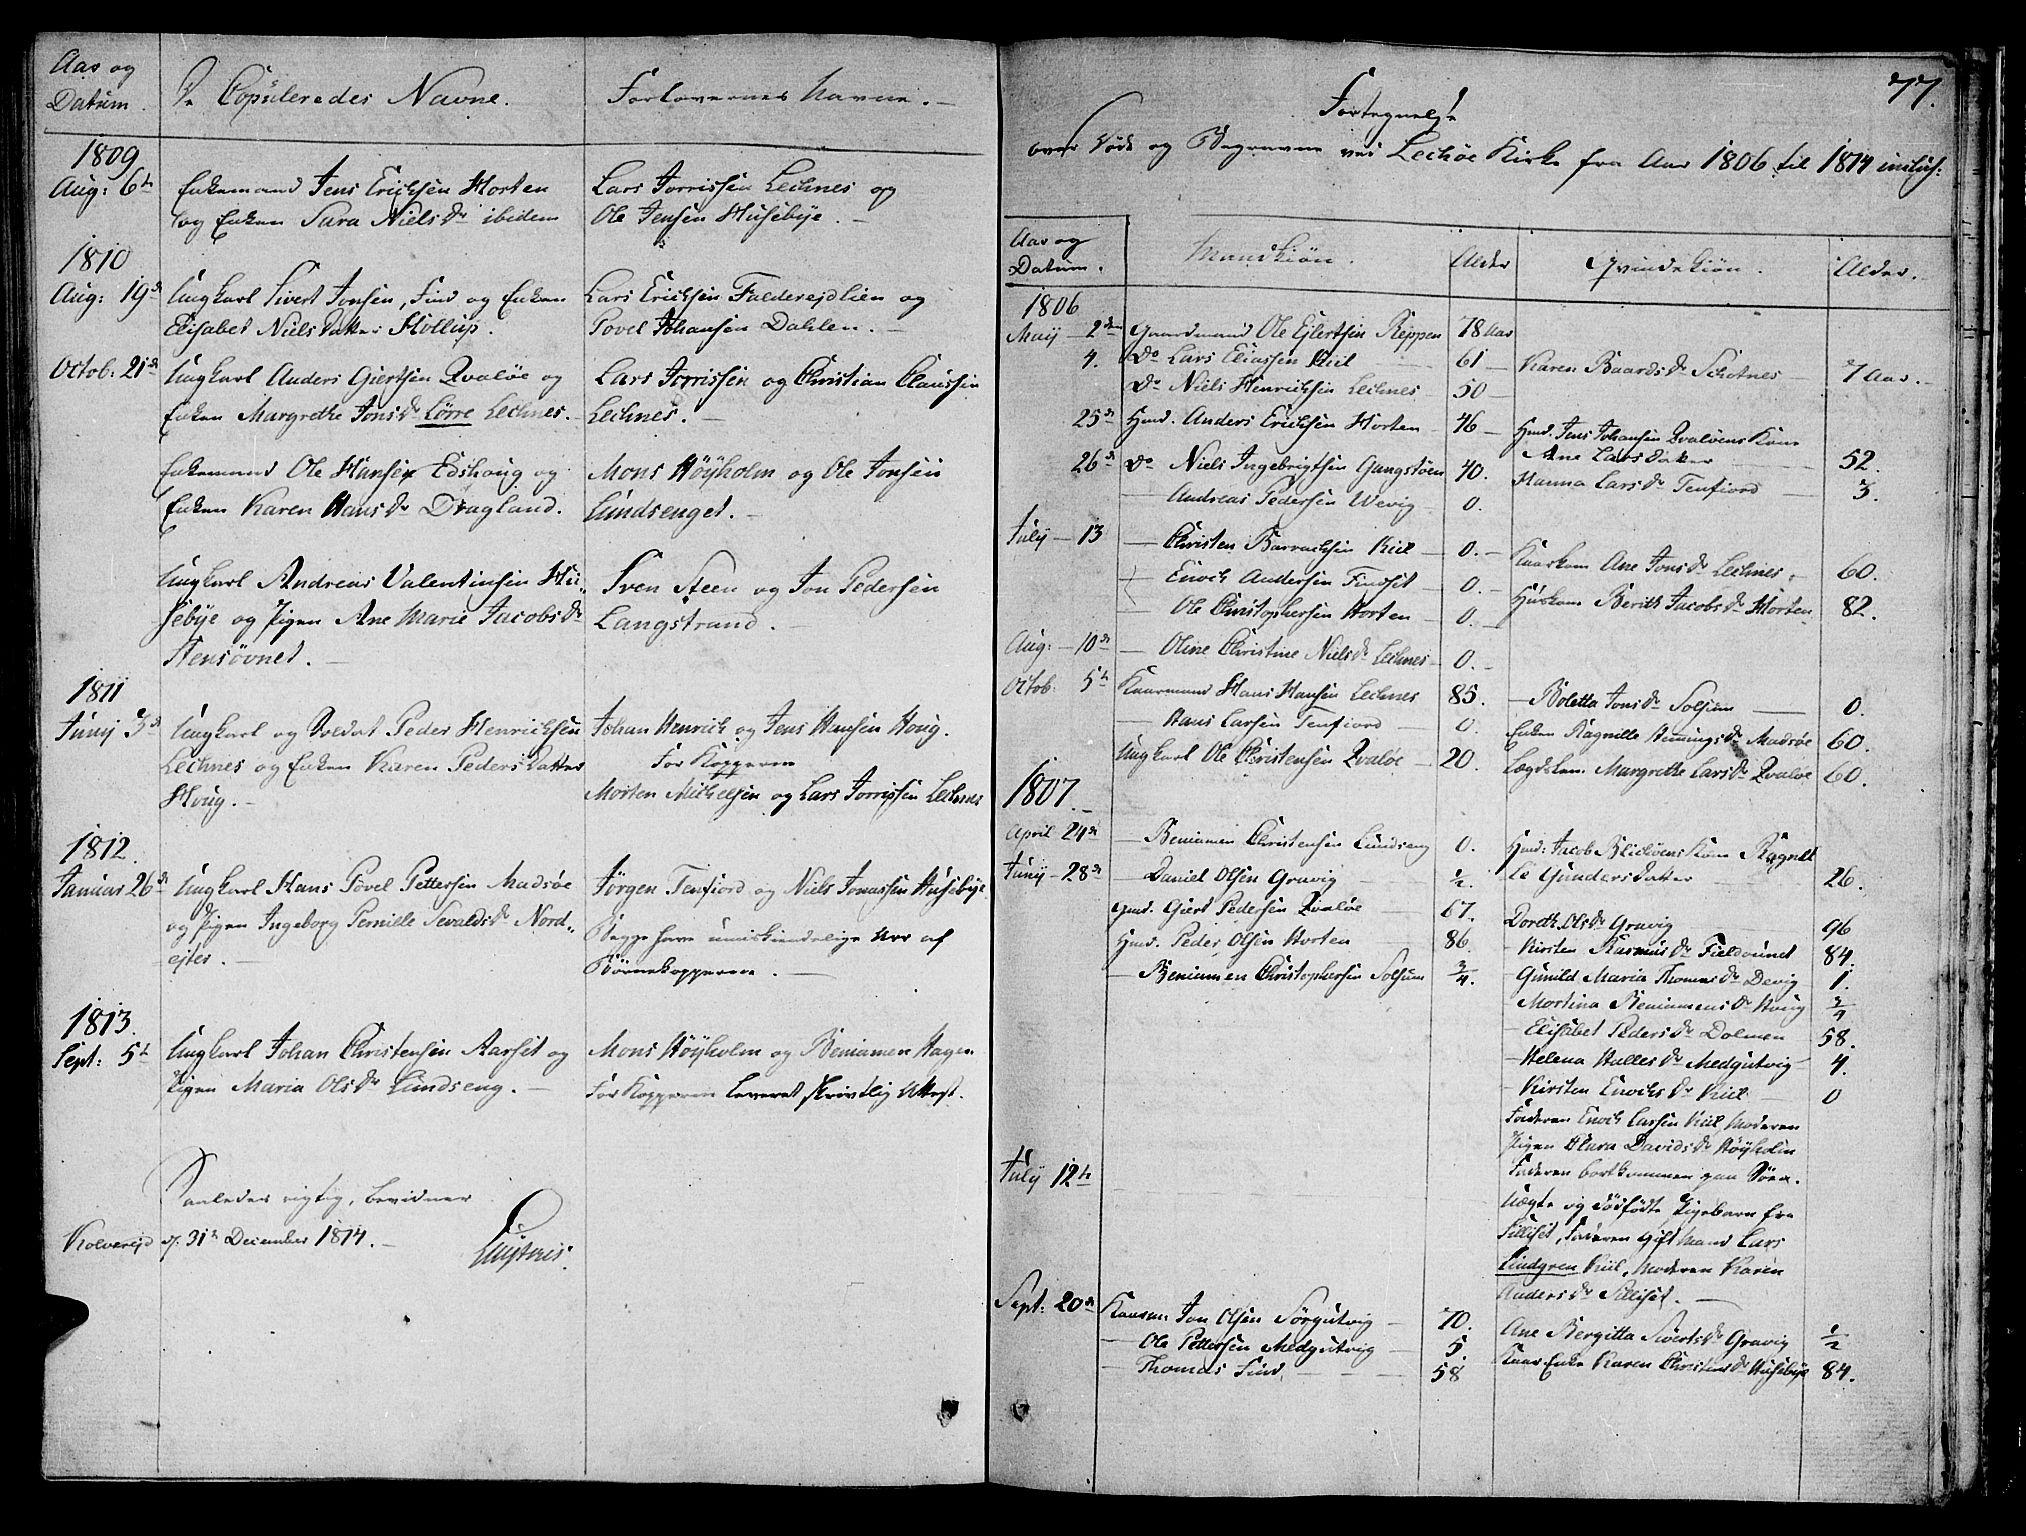 SAT, Ministerialprotokoller, klokkerbøker og fødselsregistre - Nord-Trøndelag, 780/L0633: Ministerialbok nr. 780A02 /2, 1806-1814, s. 77